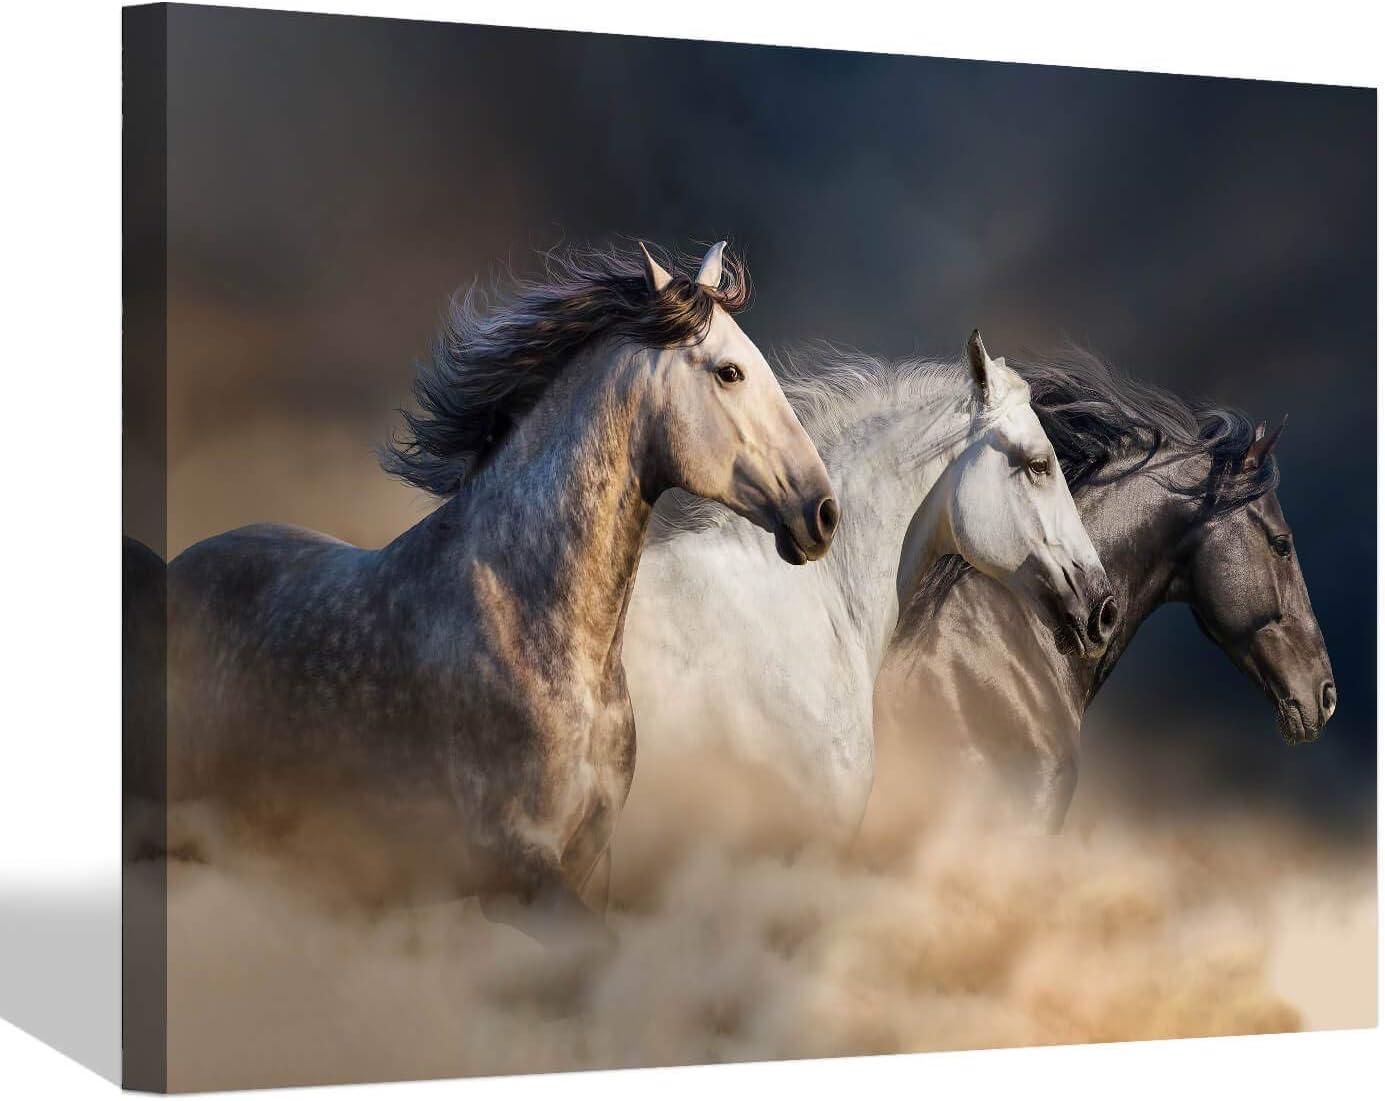 Cuadro de pared con caballos que corren, cuadro de caballo salvaje, lienzo para pared (45 x 30 x 1 panel)